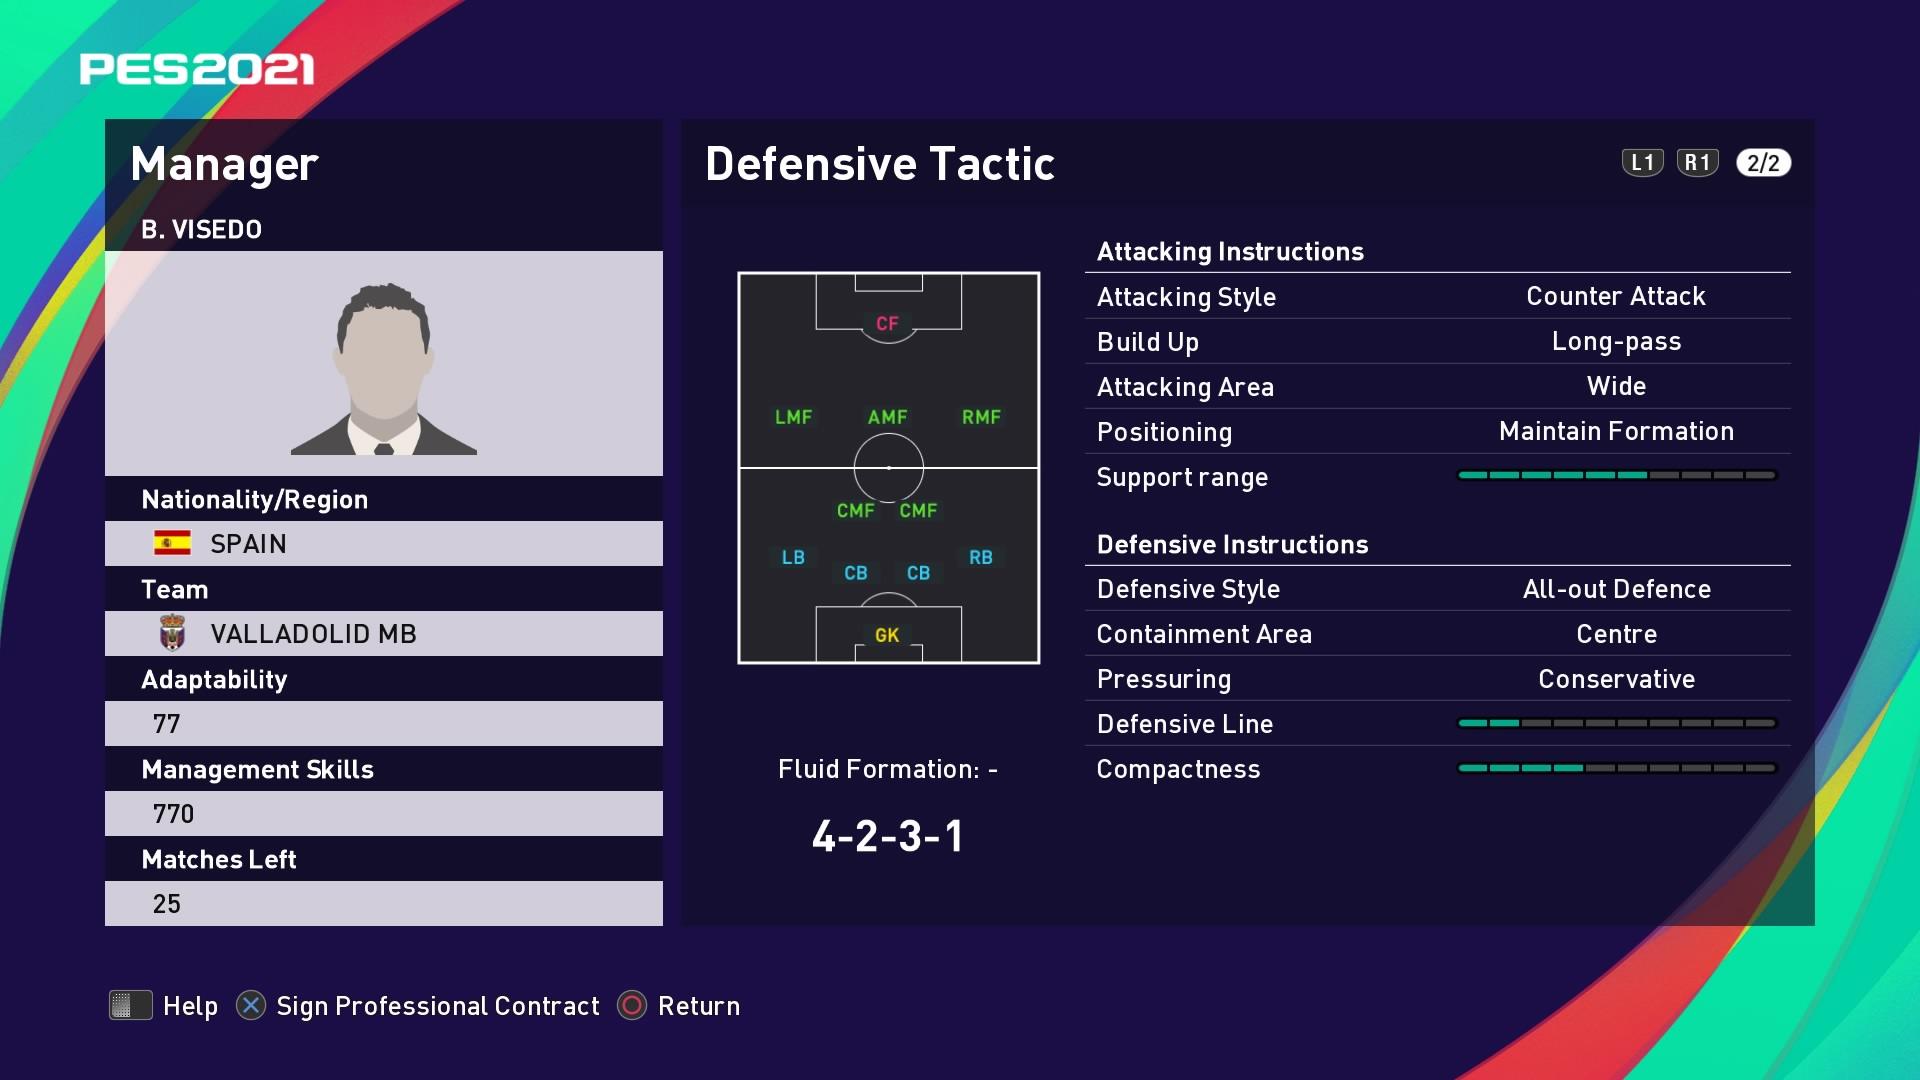 B. Visedo (Sergio Soriano) Defensive Tactic in PES 2021 myClub